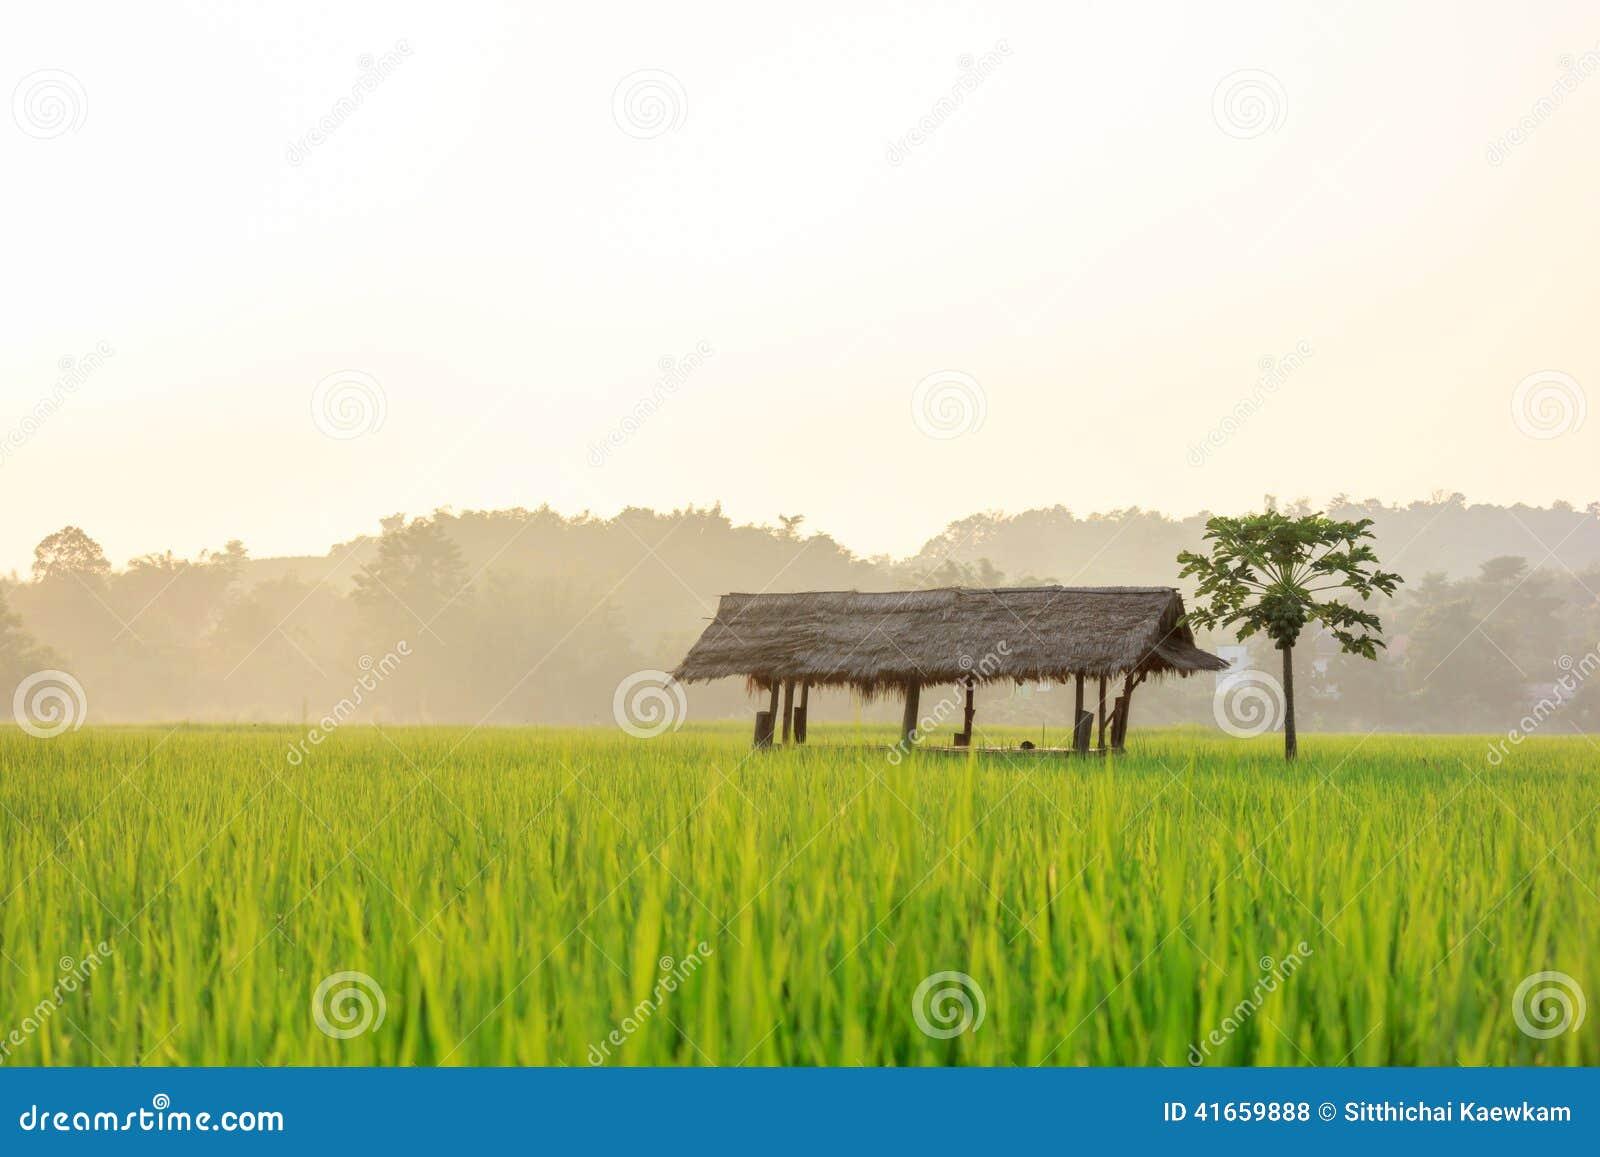 Field рис